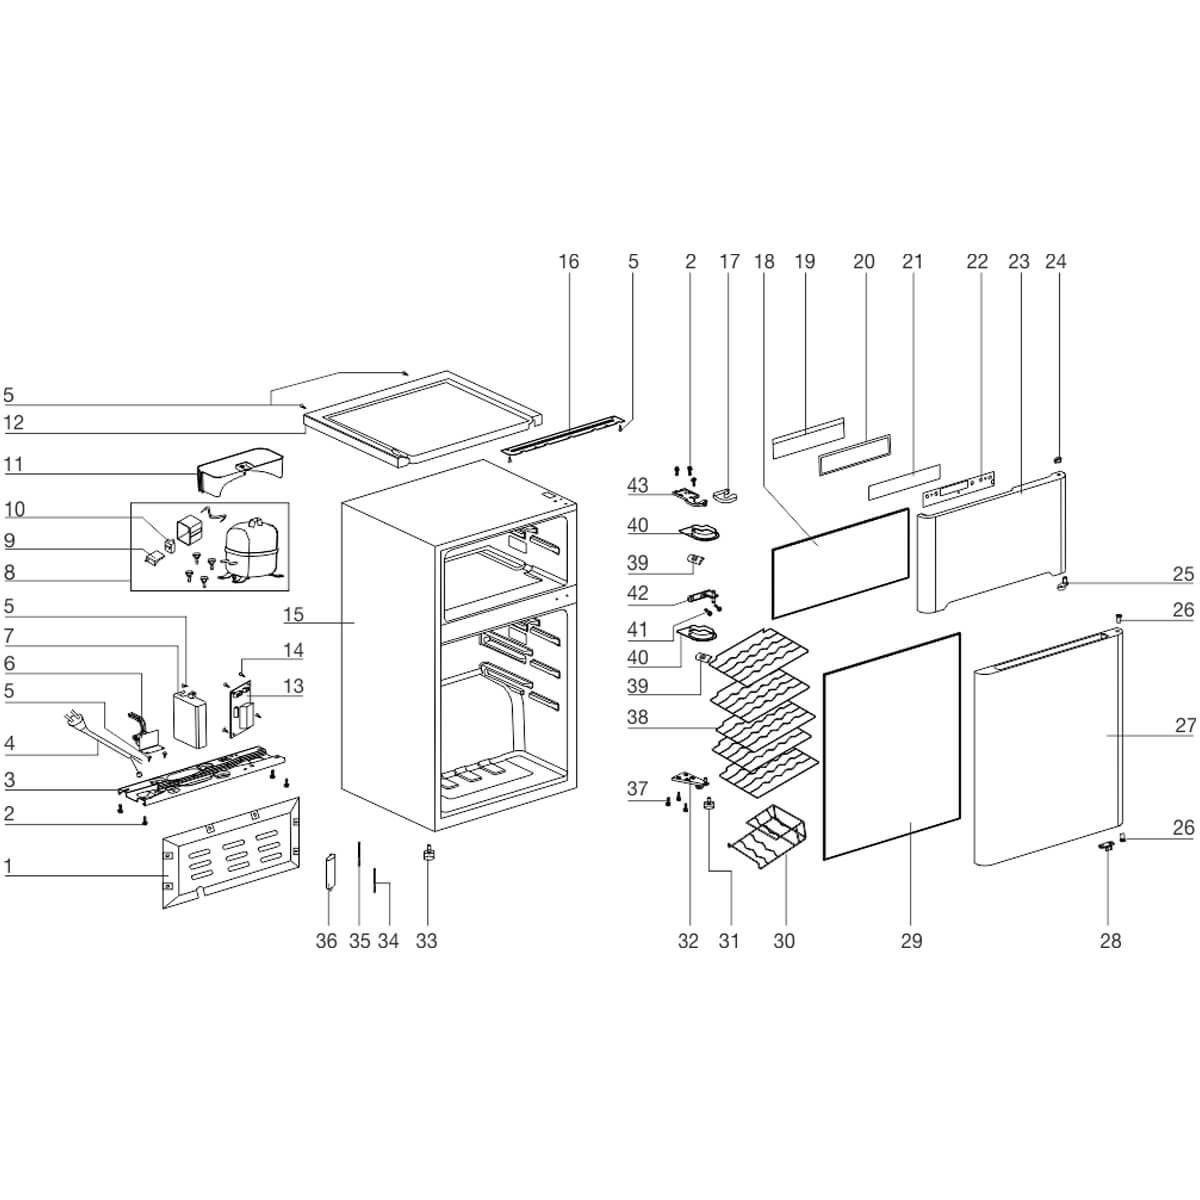 Kit Gaxeta Superior e Inferior Da Adega Electrolux ACD29 - 501108860001 / 501108860002